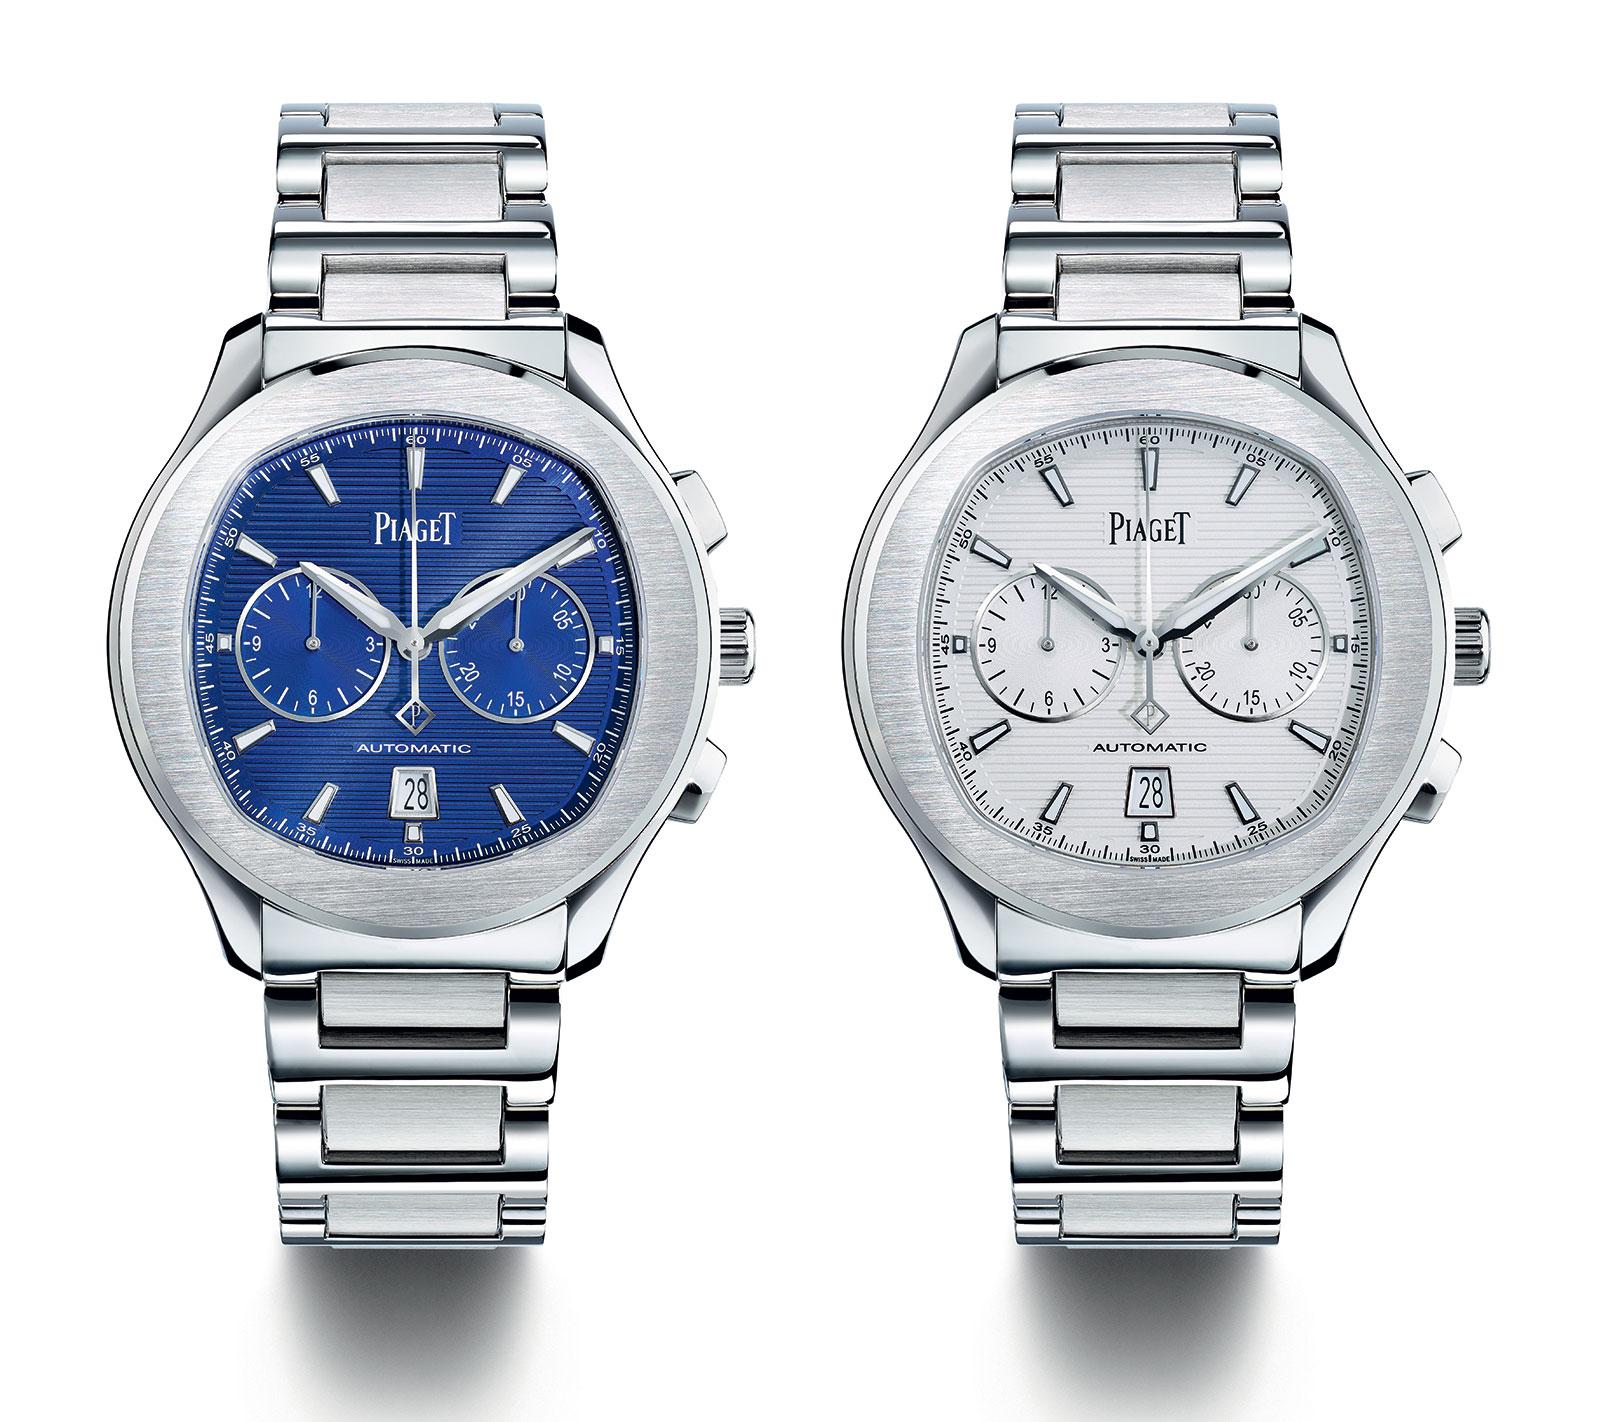 Piaget-Polo-S-chronograph.jpg